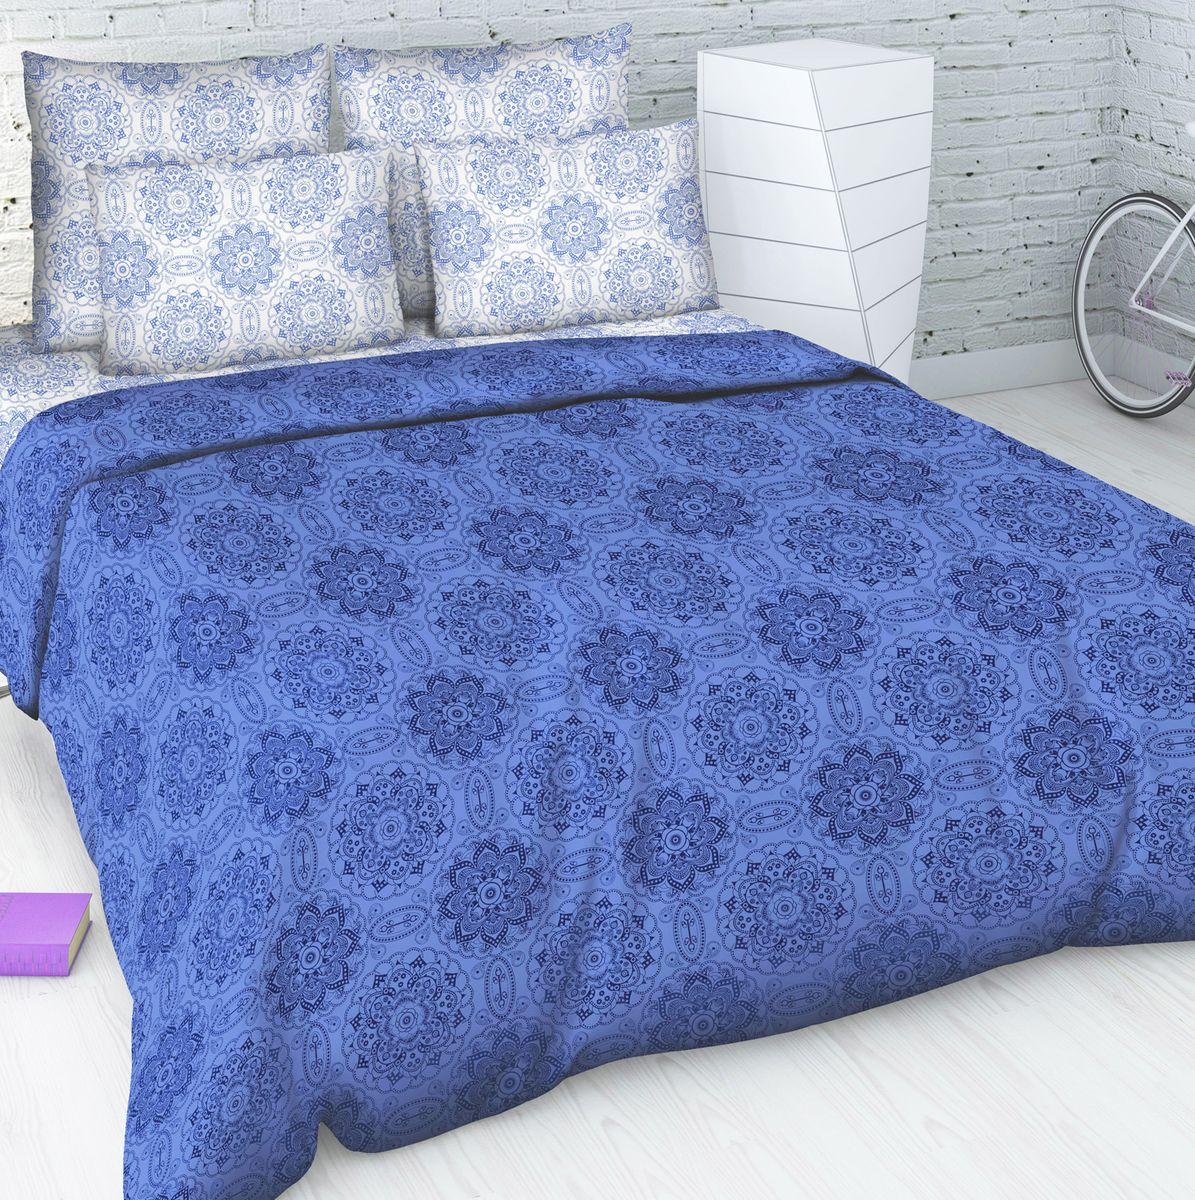 Комплект белья Василиса, 1,5-спальный, наволочки 70х70, цвет: белый, голубой. 5061_1/1,55061_1/1,5Комплект постельного белья Василиса состоит из пододеяльника, простыни и двух наволочек. Белье изготовлено из бязи (100% хлопка) - гипоаллергенного, экологичного, высококачественного, крупнозакрученного волокна. Использование особо тонкой пряжи делает ткань мягче на ощупь, обеспечивает легкое глажение и позволяет передать всю насыщенность цветовой гаммы. Благодаря более плотному переплетению нитей и использованию высококачественных импортных красителей постельное белье выдерживает до 70 стирок. На ткани не образуются катышки. Способ застегивания наволочки - клапан, пододеяльника - отверстие без застежки по краю изделия с подвернутым краем.Приобретая комплект постельного белья Василиса, вы можете быть уверены в том, что покупка доставит вам удовольствие и подарит максимальный комфорт.Советы по выбору постельного белья от блогера Ирины Соковых. Статья OZON Гид